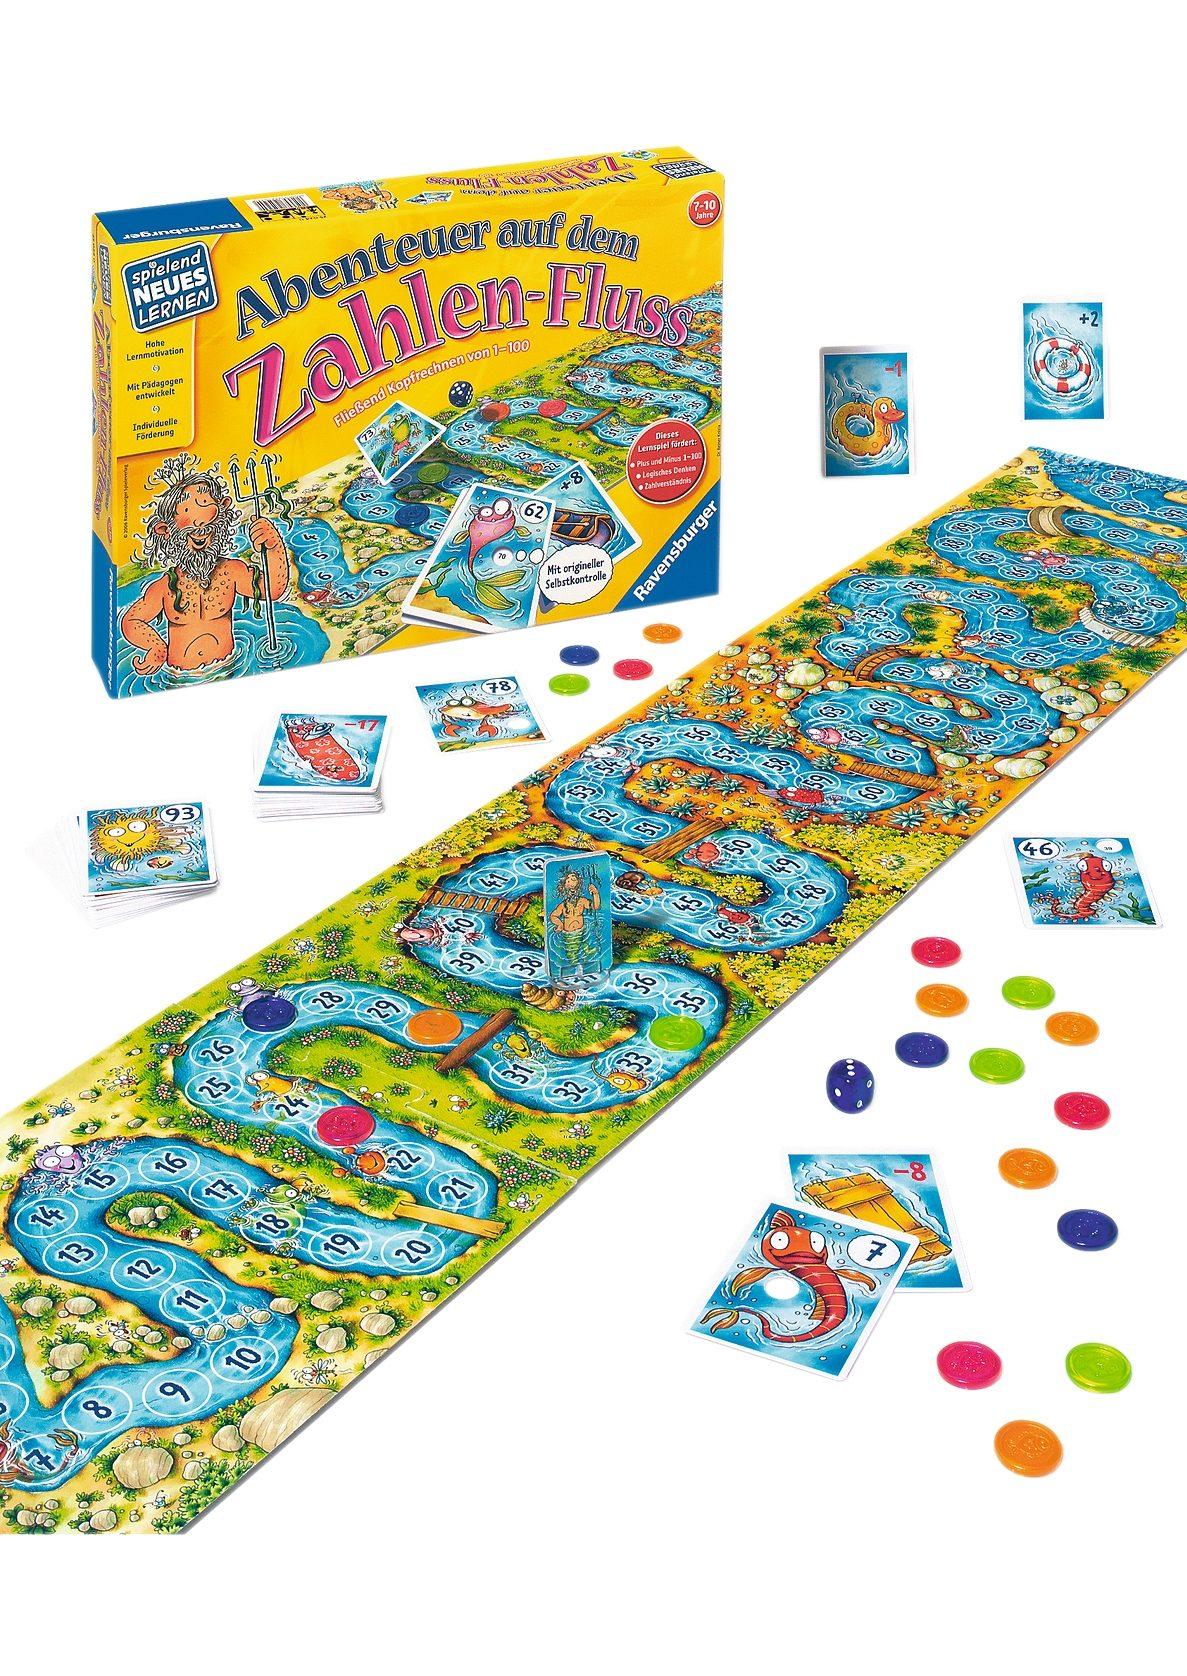 Ravensburger Kinder-Spiel, »Abenteuer auf dem Zahlen-Fluss«